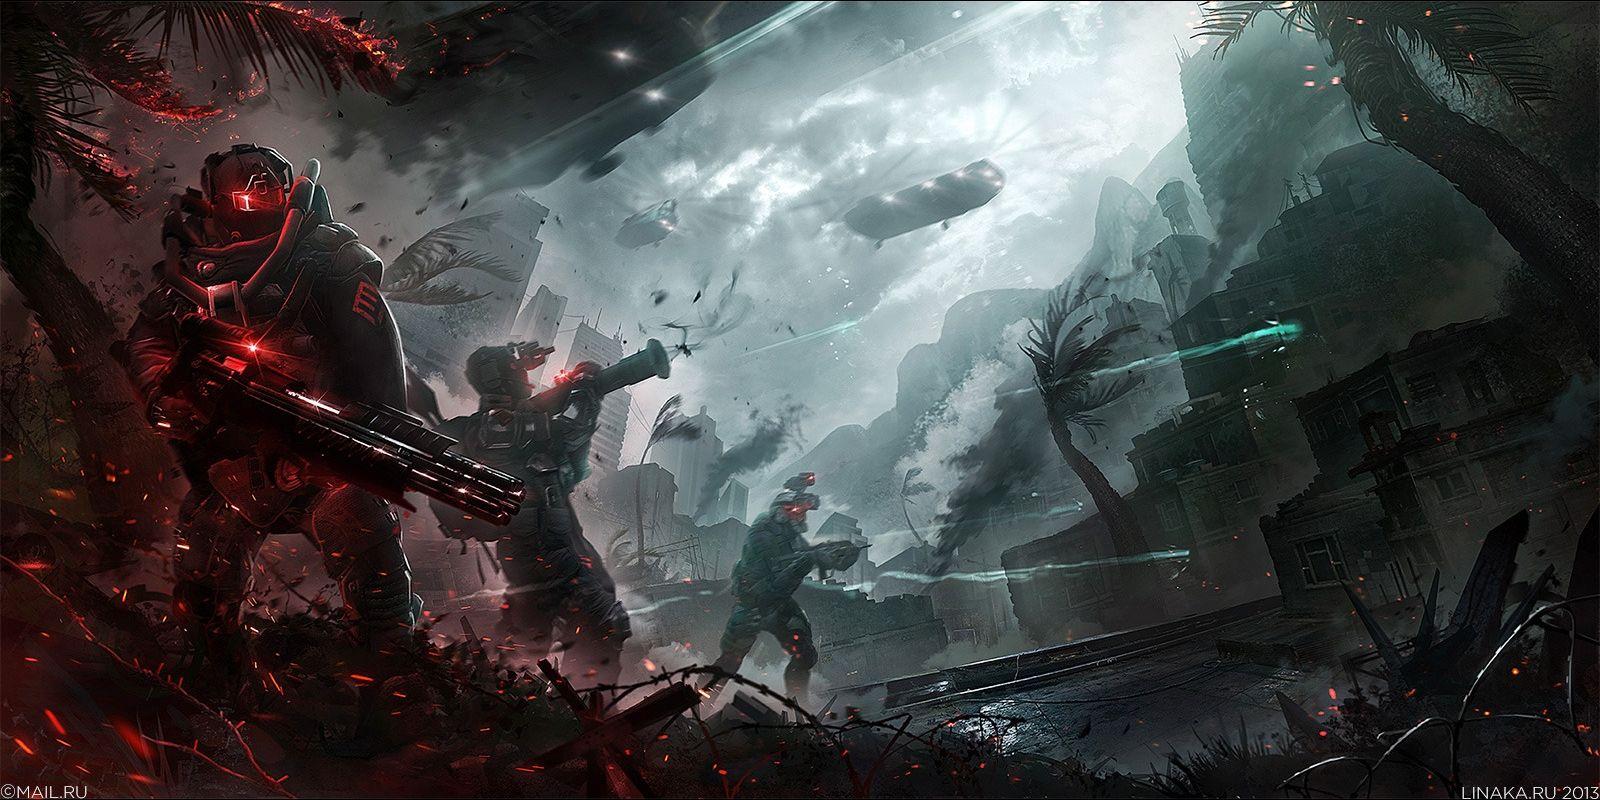 Space Battle Wallpaper Hd